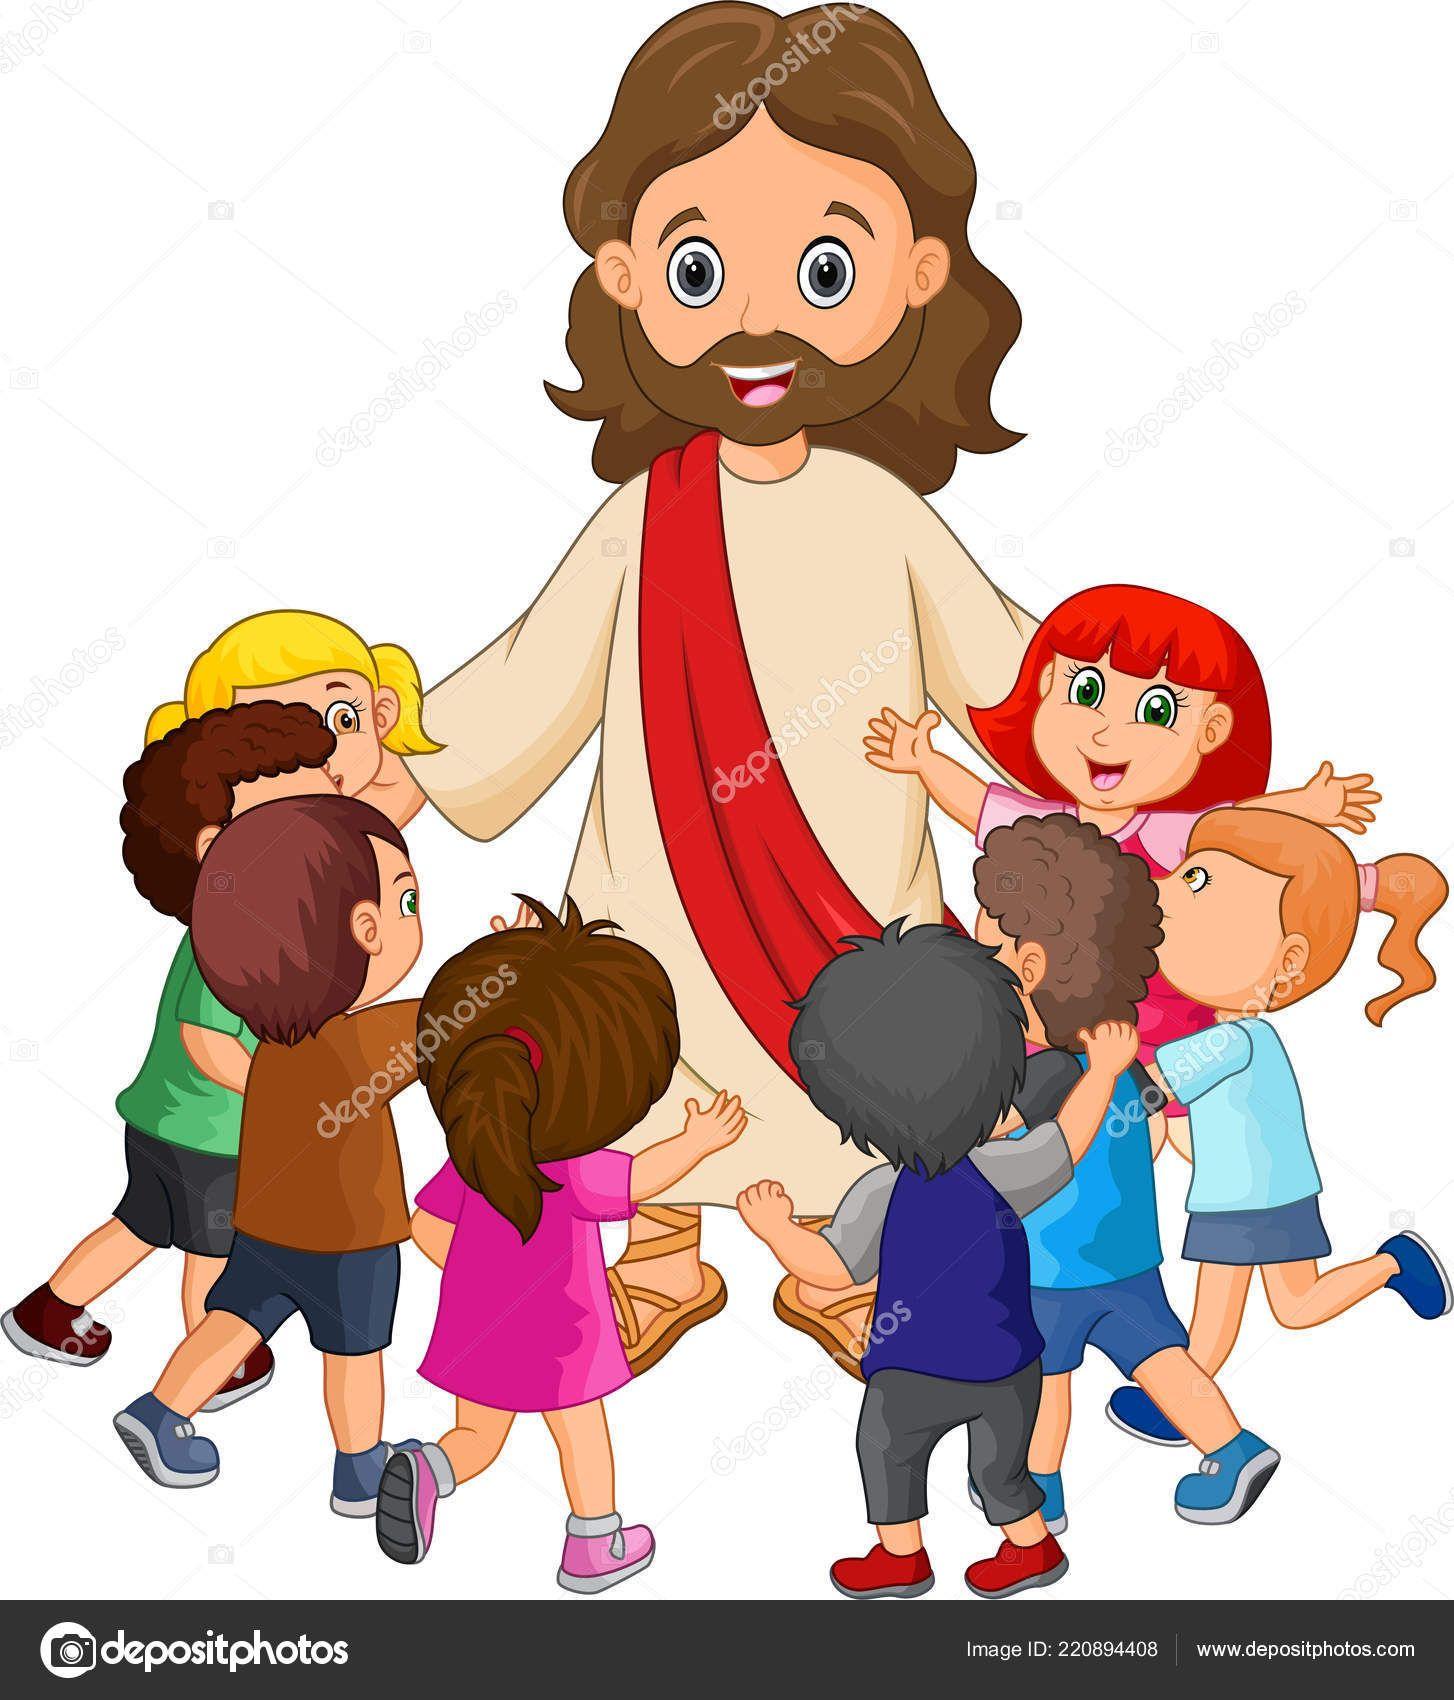 Descargar Jesus Cristo Rodeado Por Los Ninos De Dibujos Animados Ilustracion De Stock Tecknade Serier